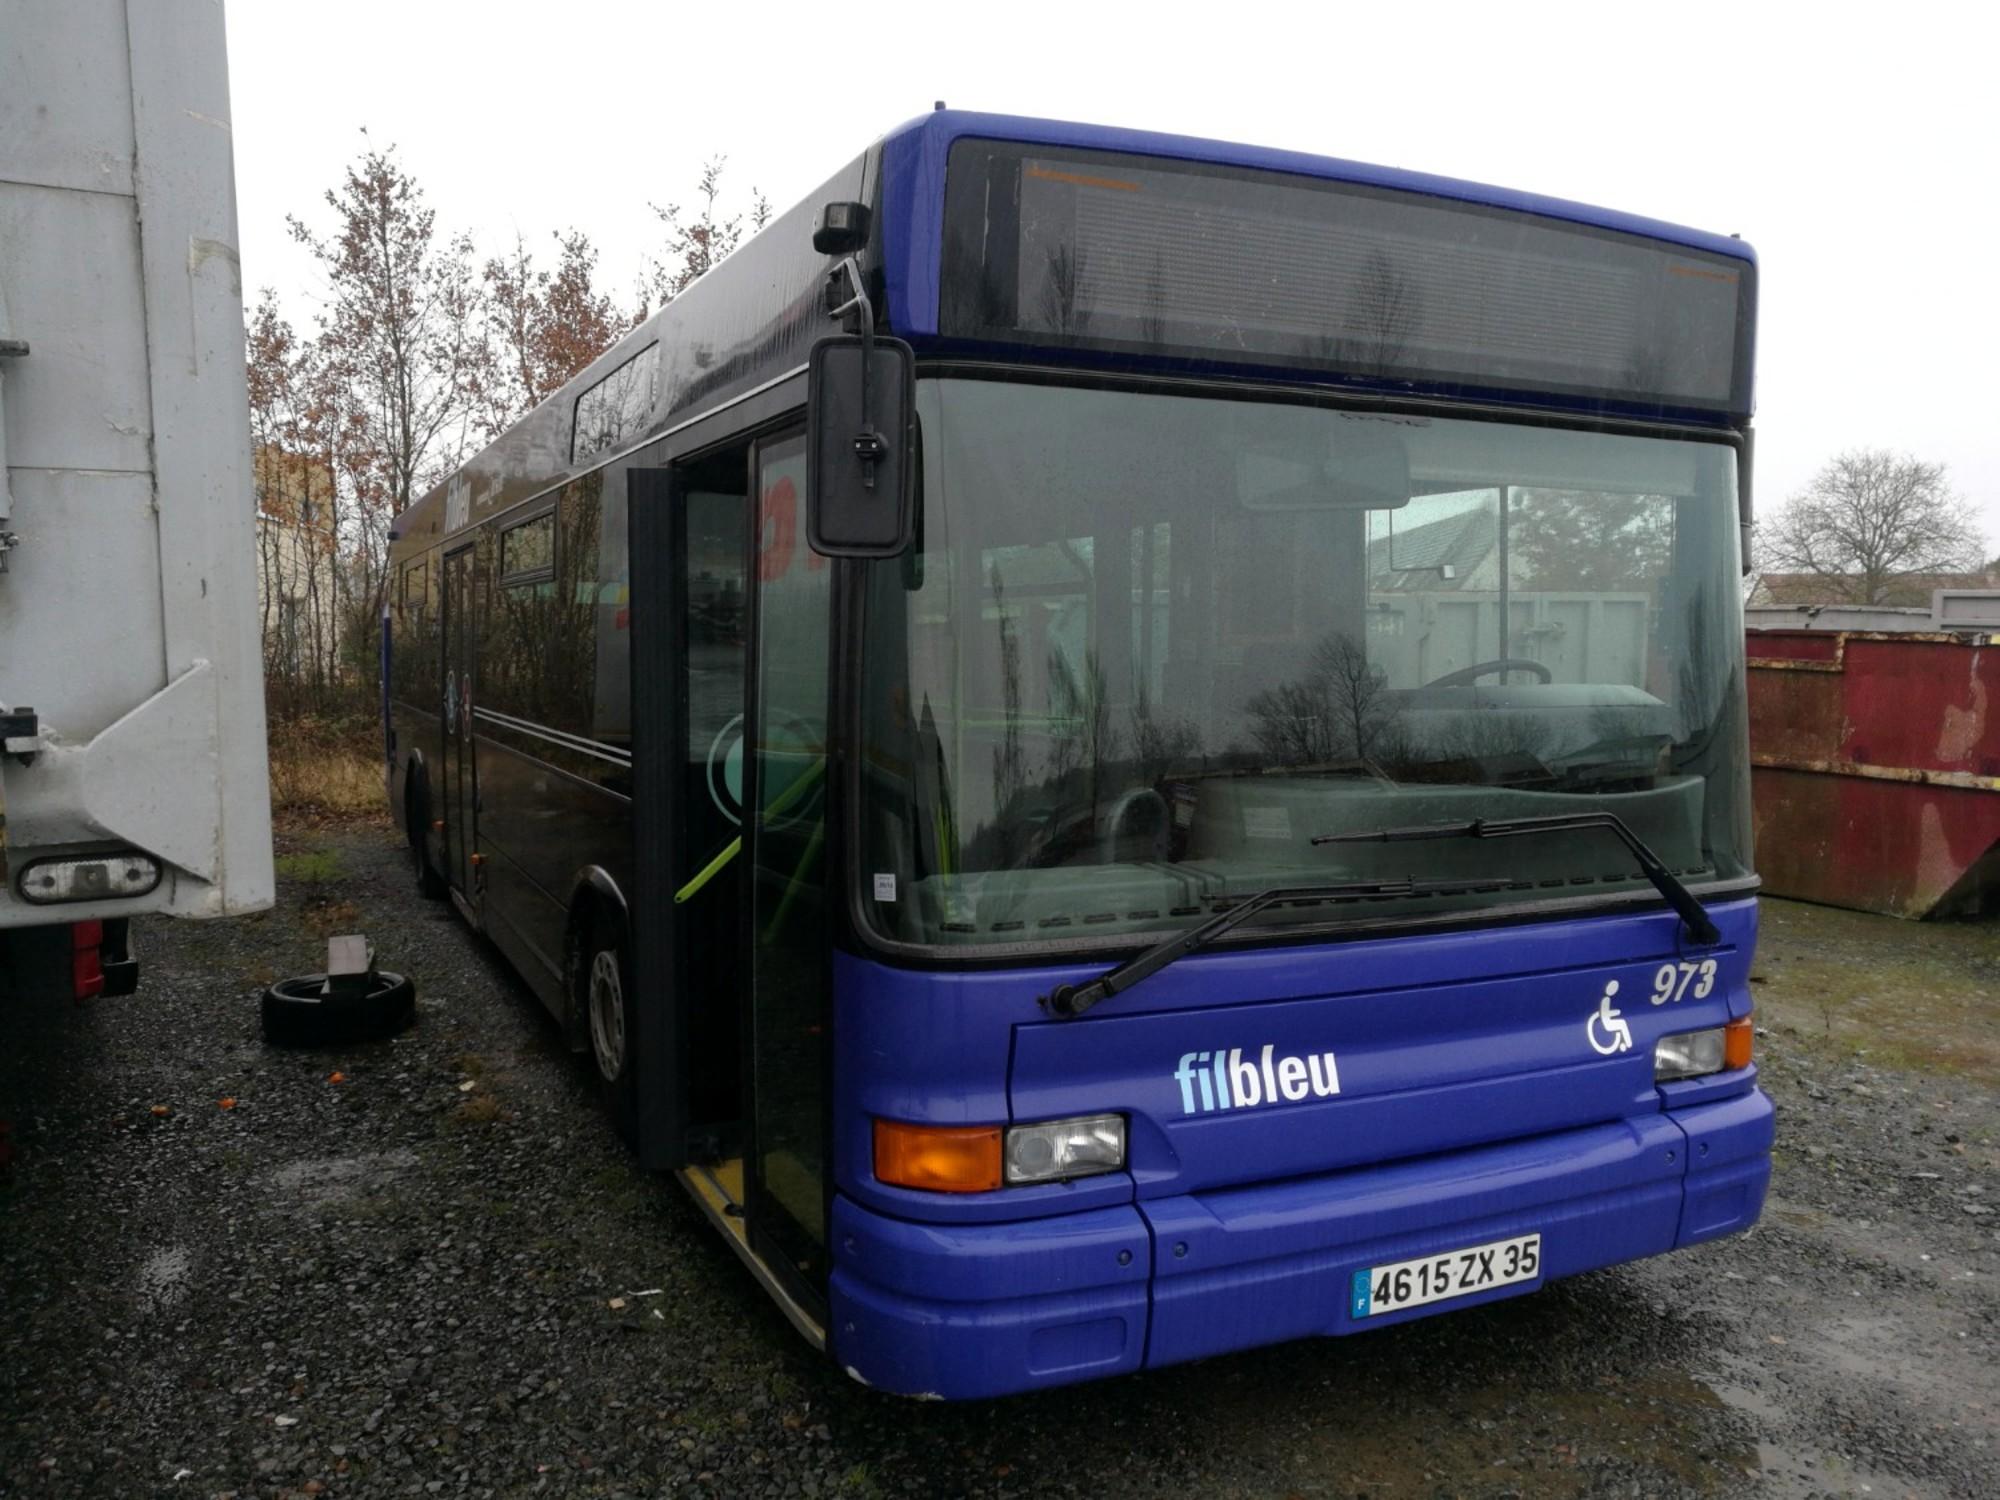 heuliez gx327 973 car bus d 39 occasion aux ench res. Black Bedroom Furniture Sets. Home Design Ideas